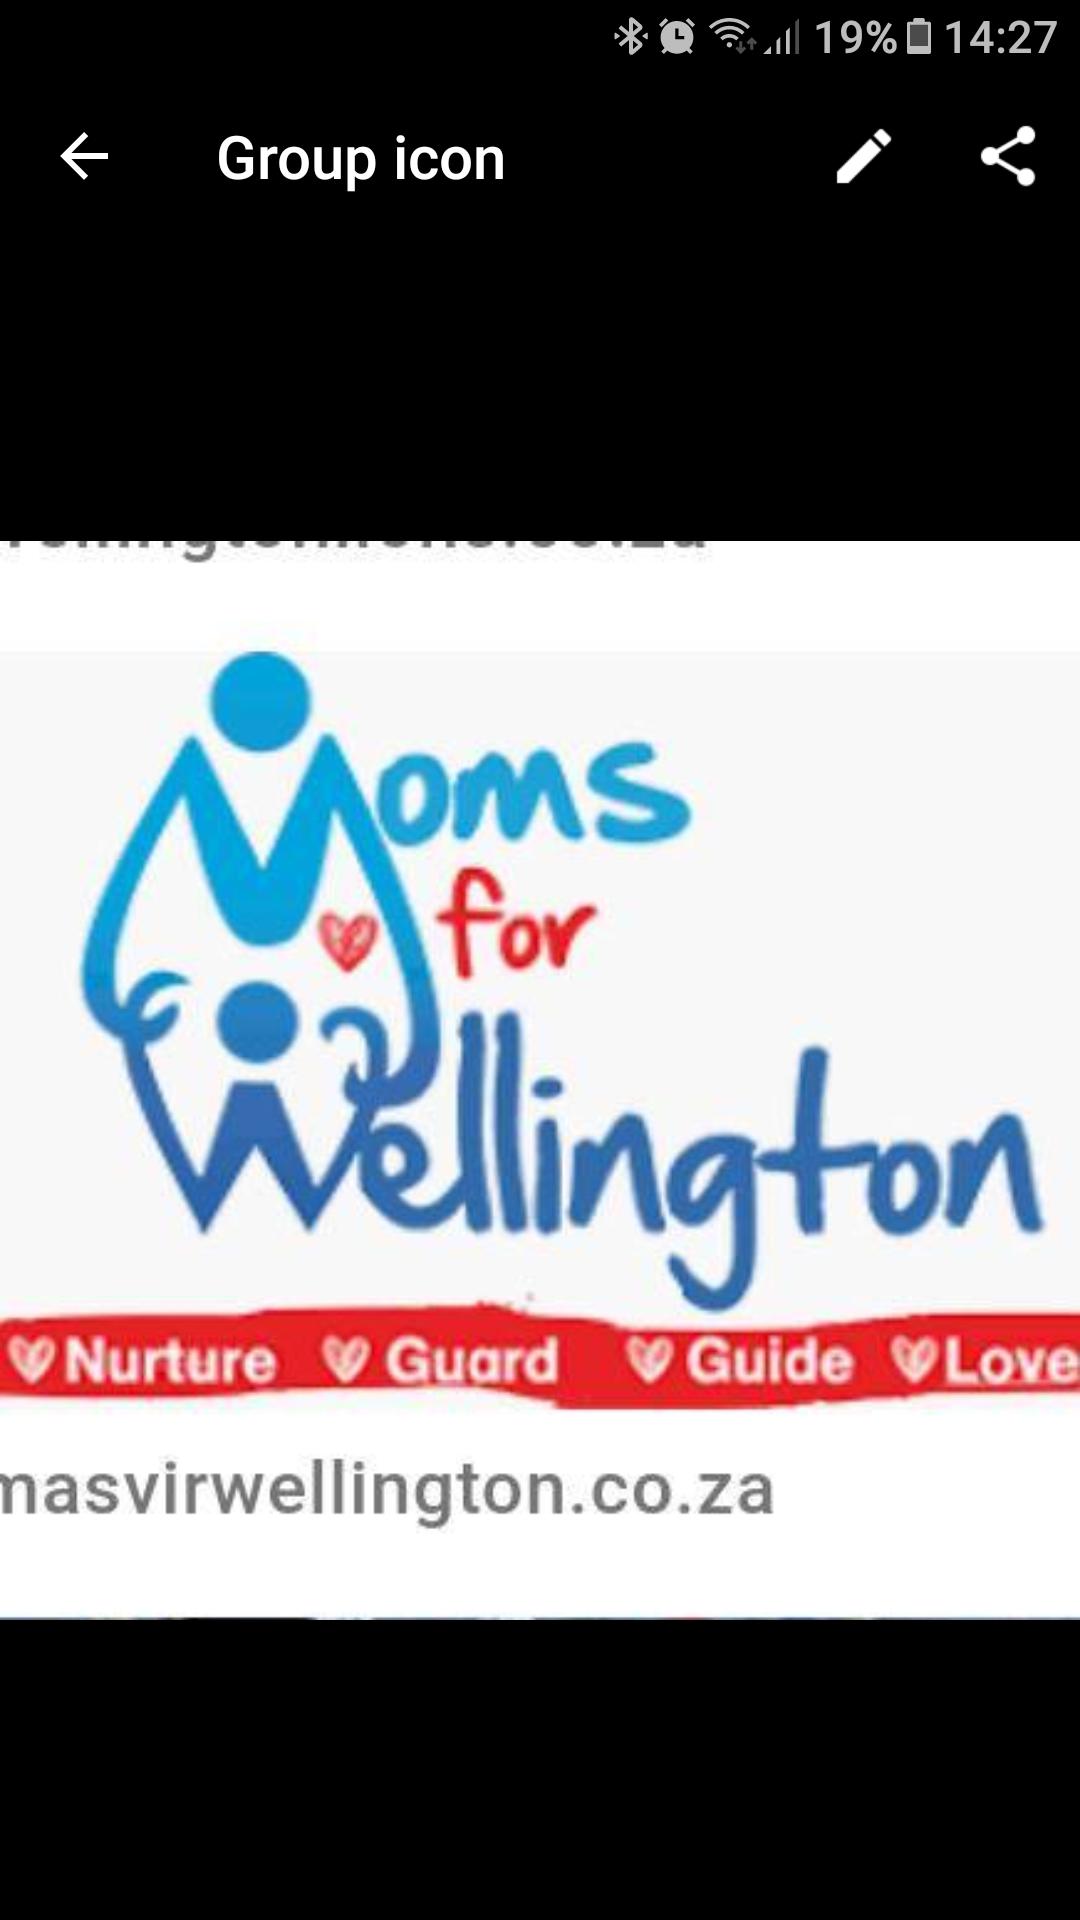 Ma's vir Wellington